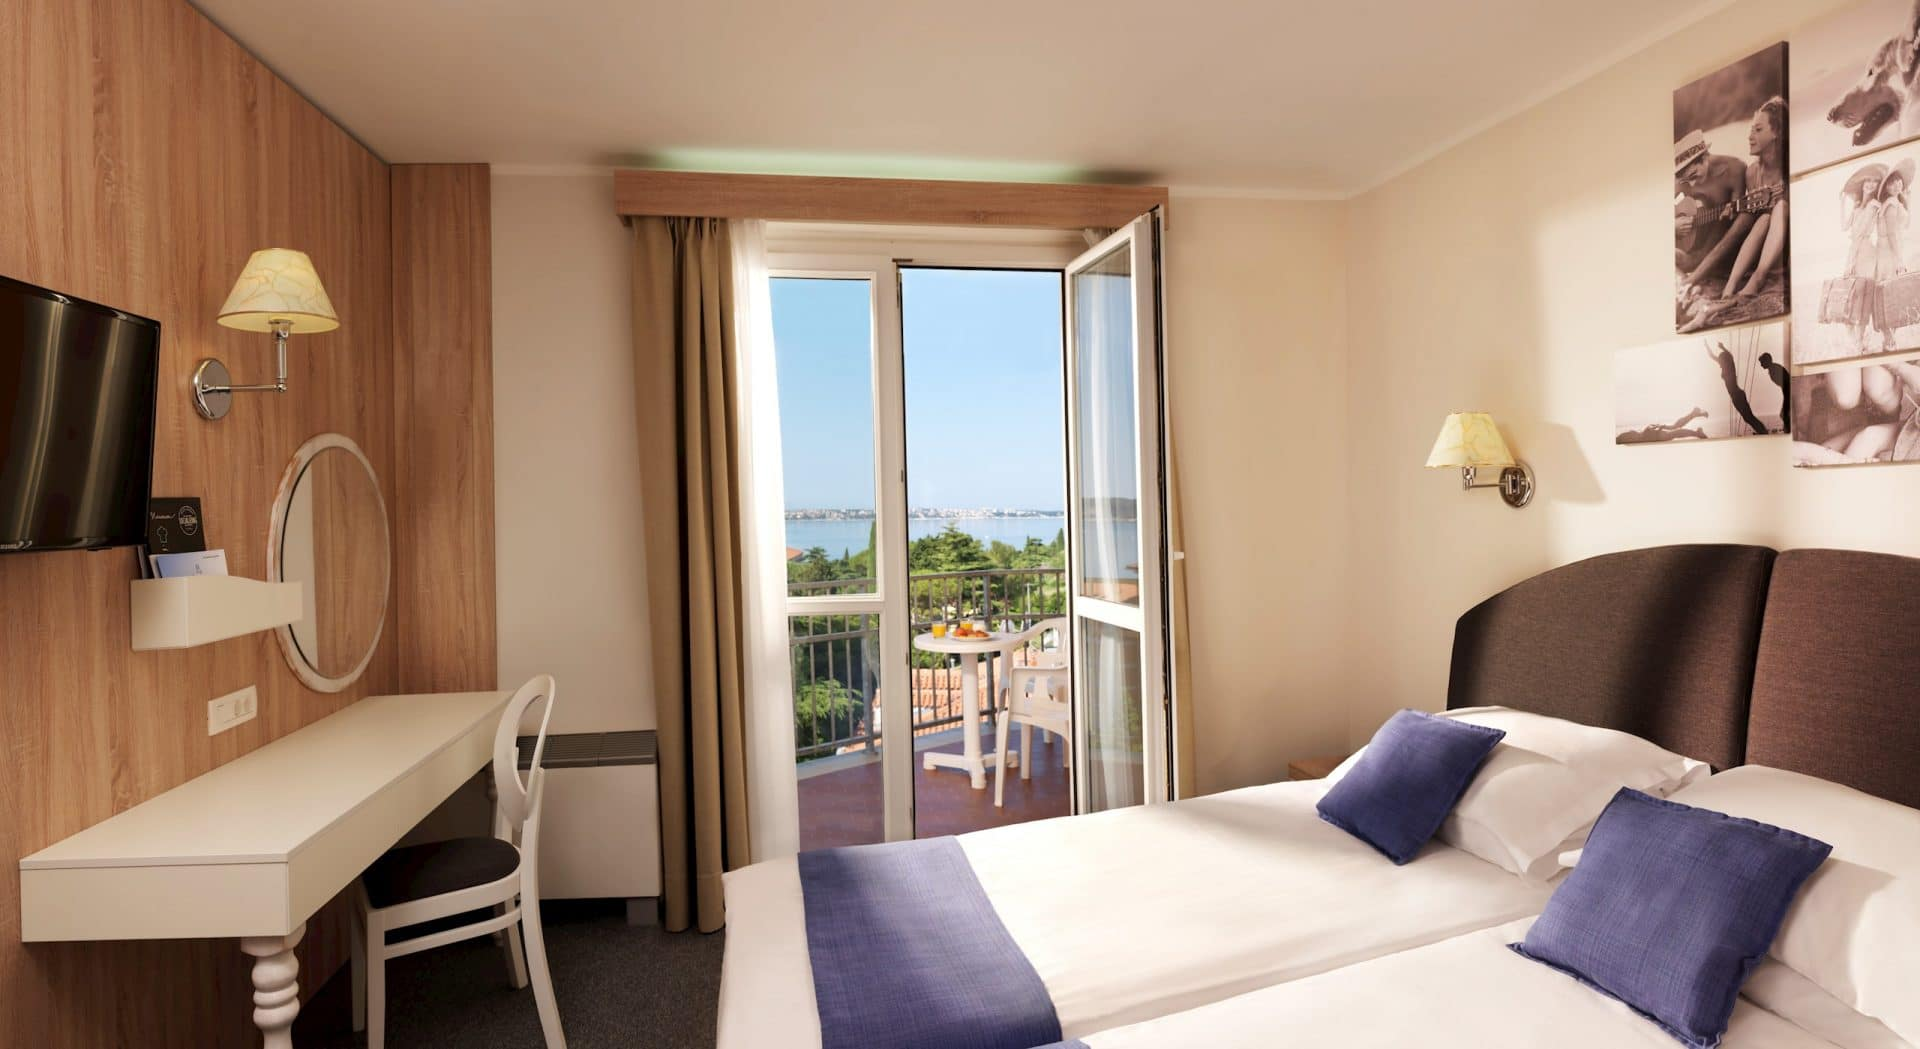 Hotel Mirna balcony view